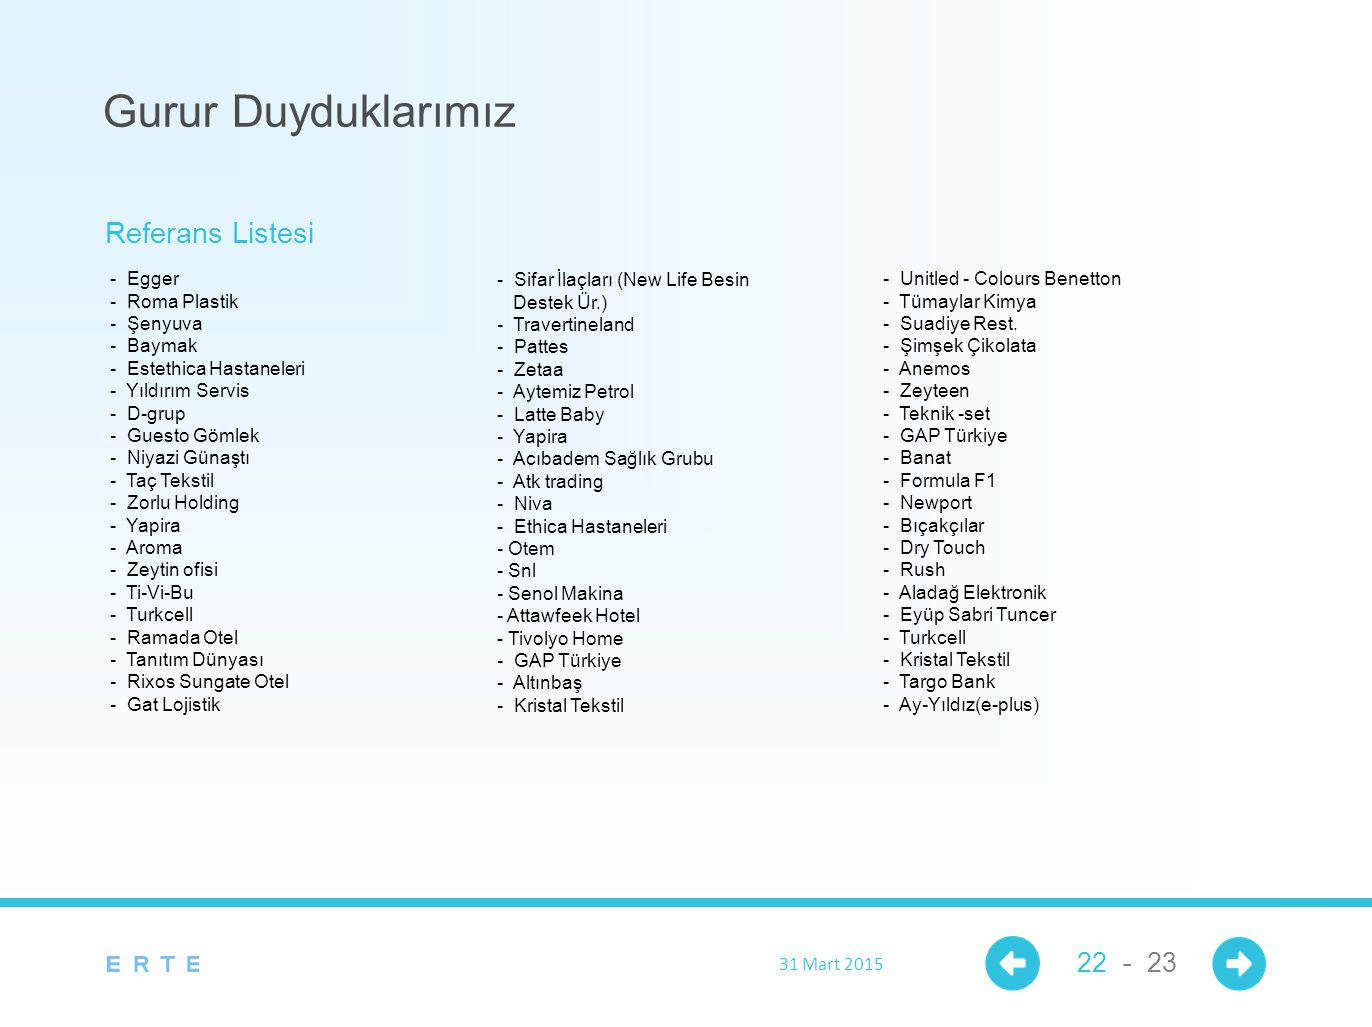 Gurur Duyduklarımız Referans Listesi 22 - 23 - Egger - Roma Plastik